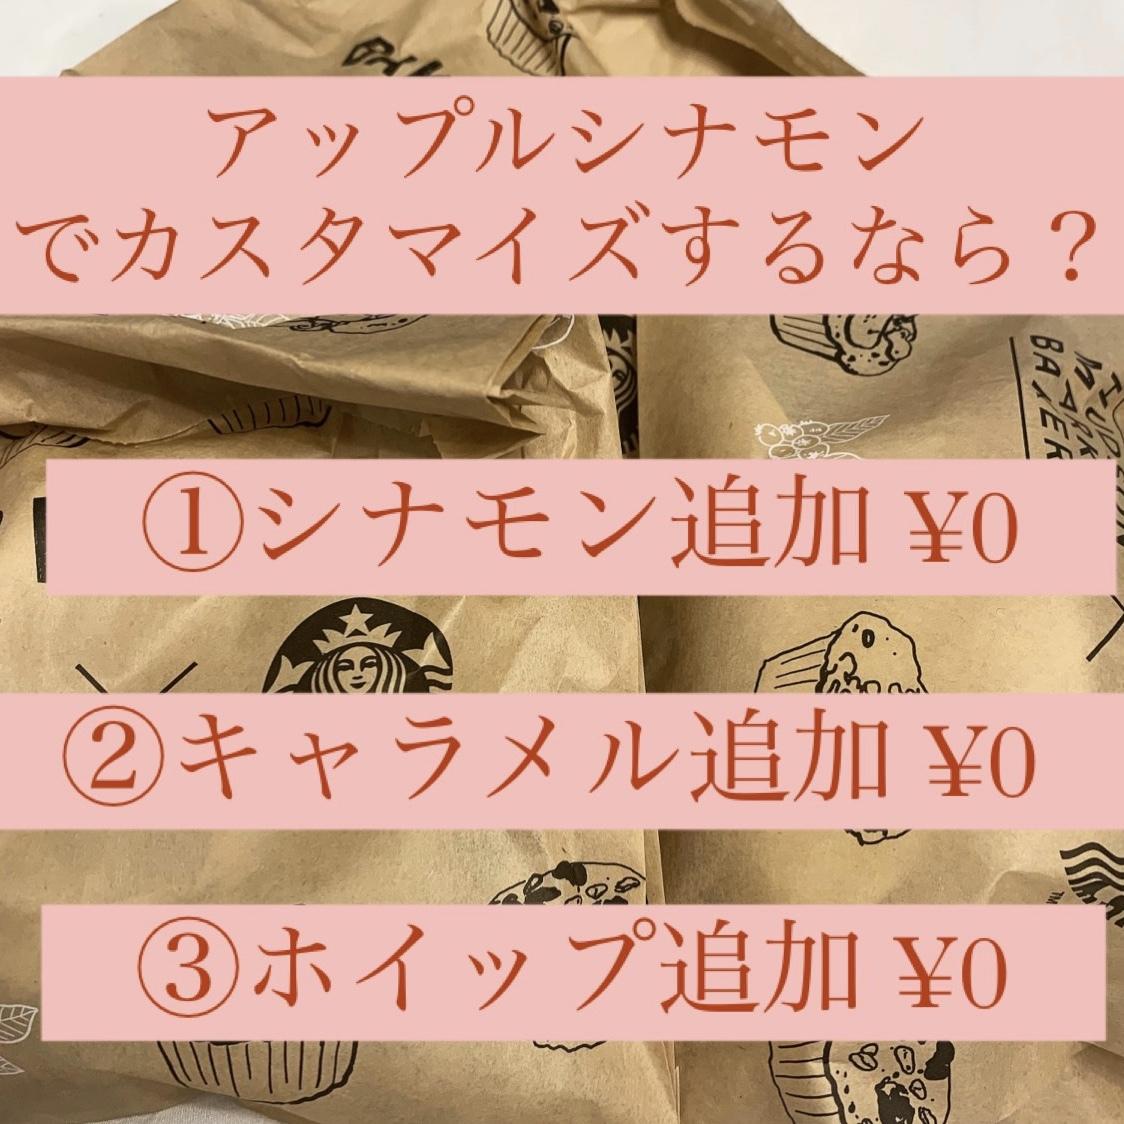 【スタバ新作レポ】ついにスタバからマフィンが!?_1_6